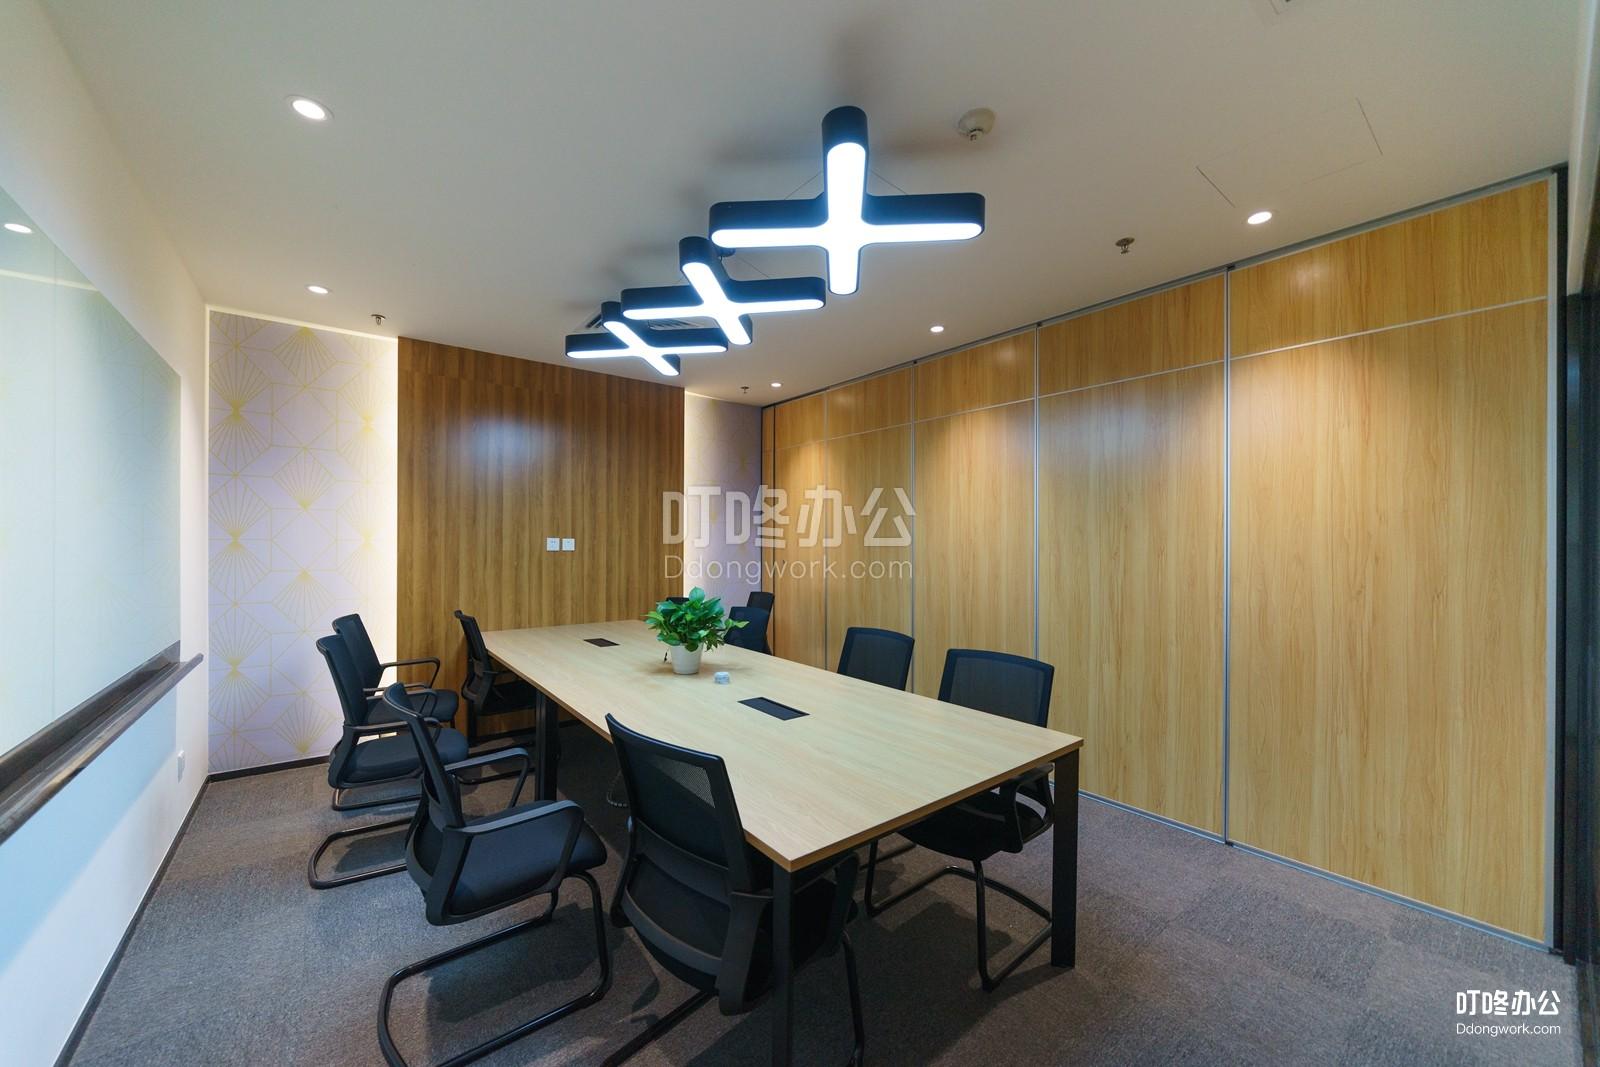 Wedo联合创业社「蛇口国际社区」会议室